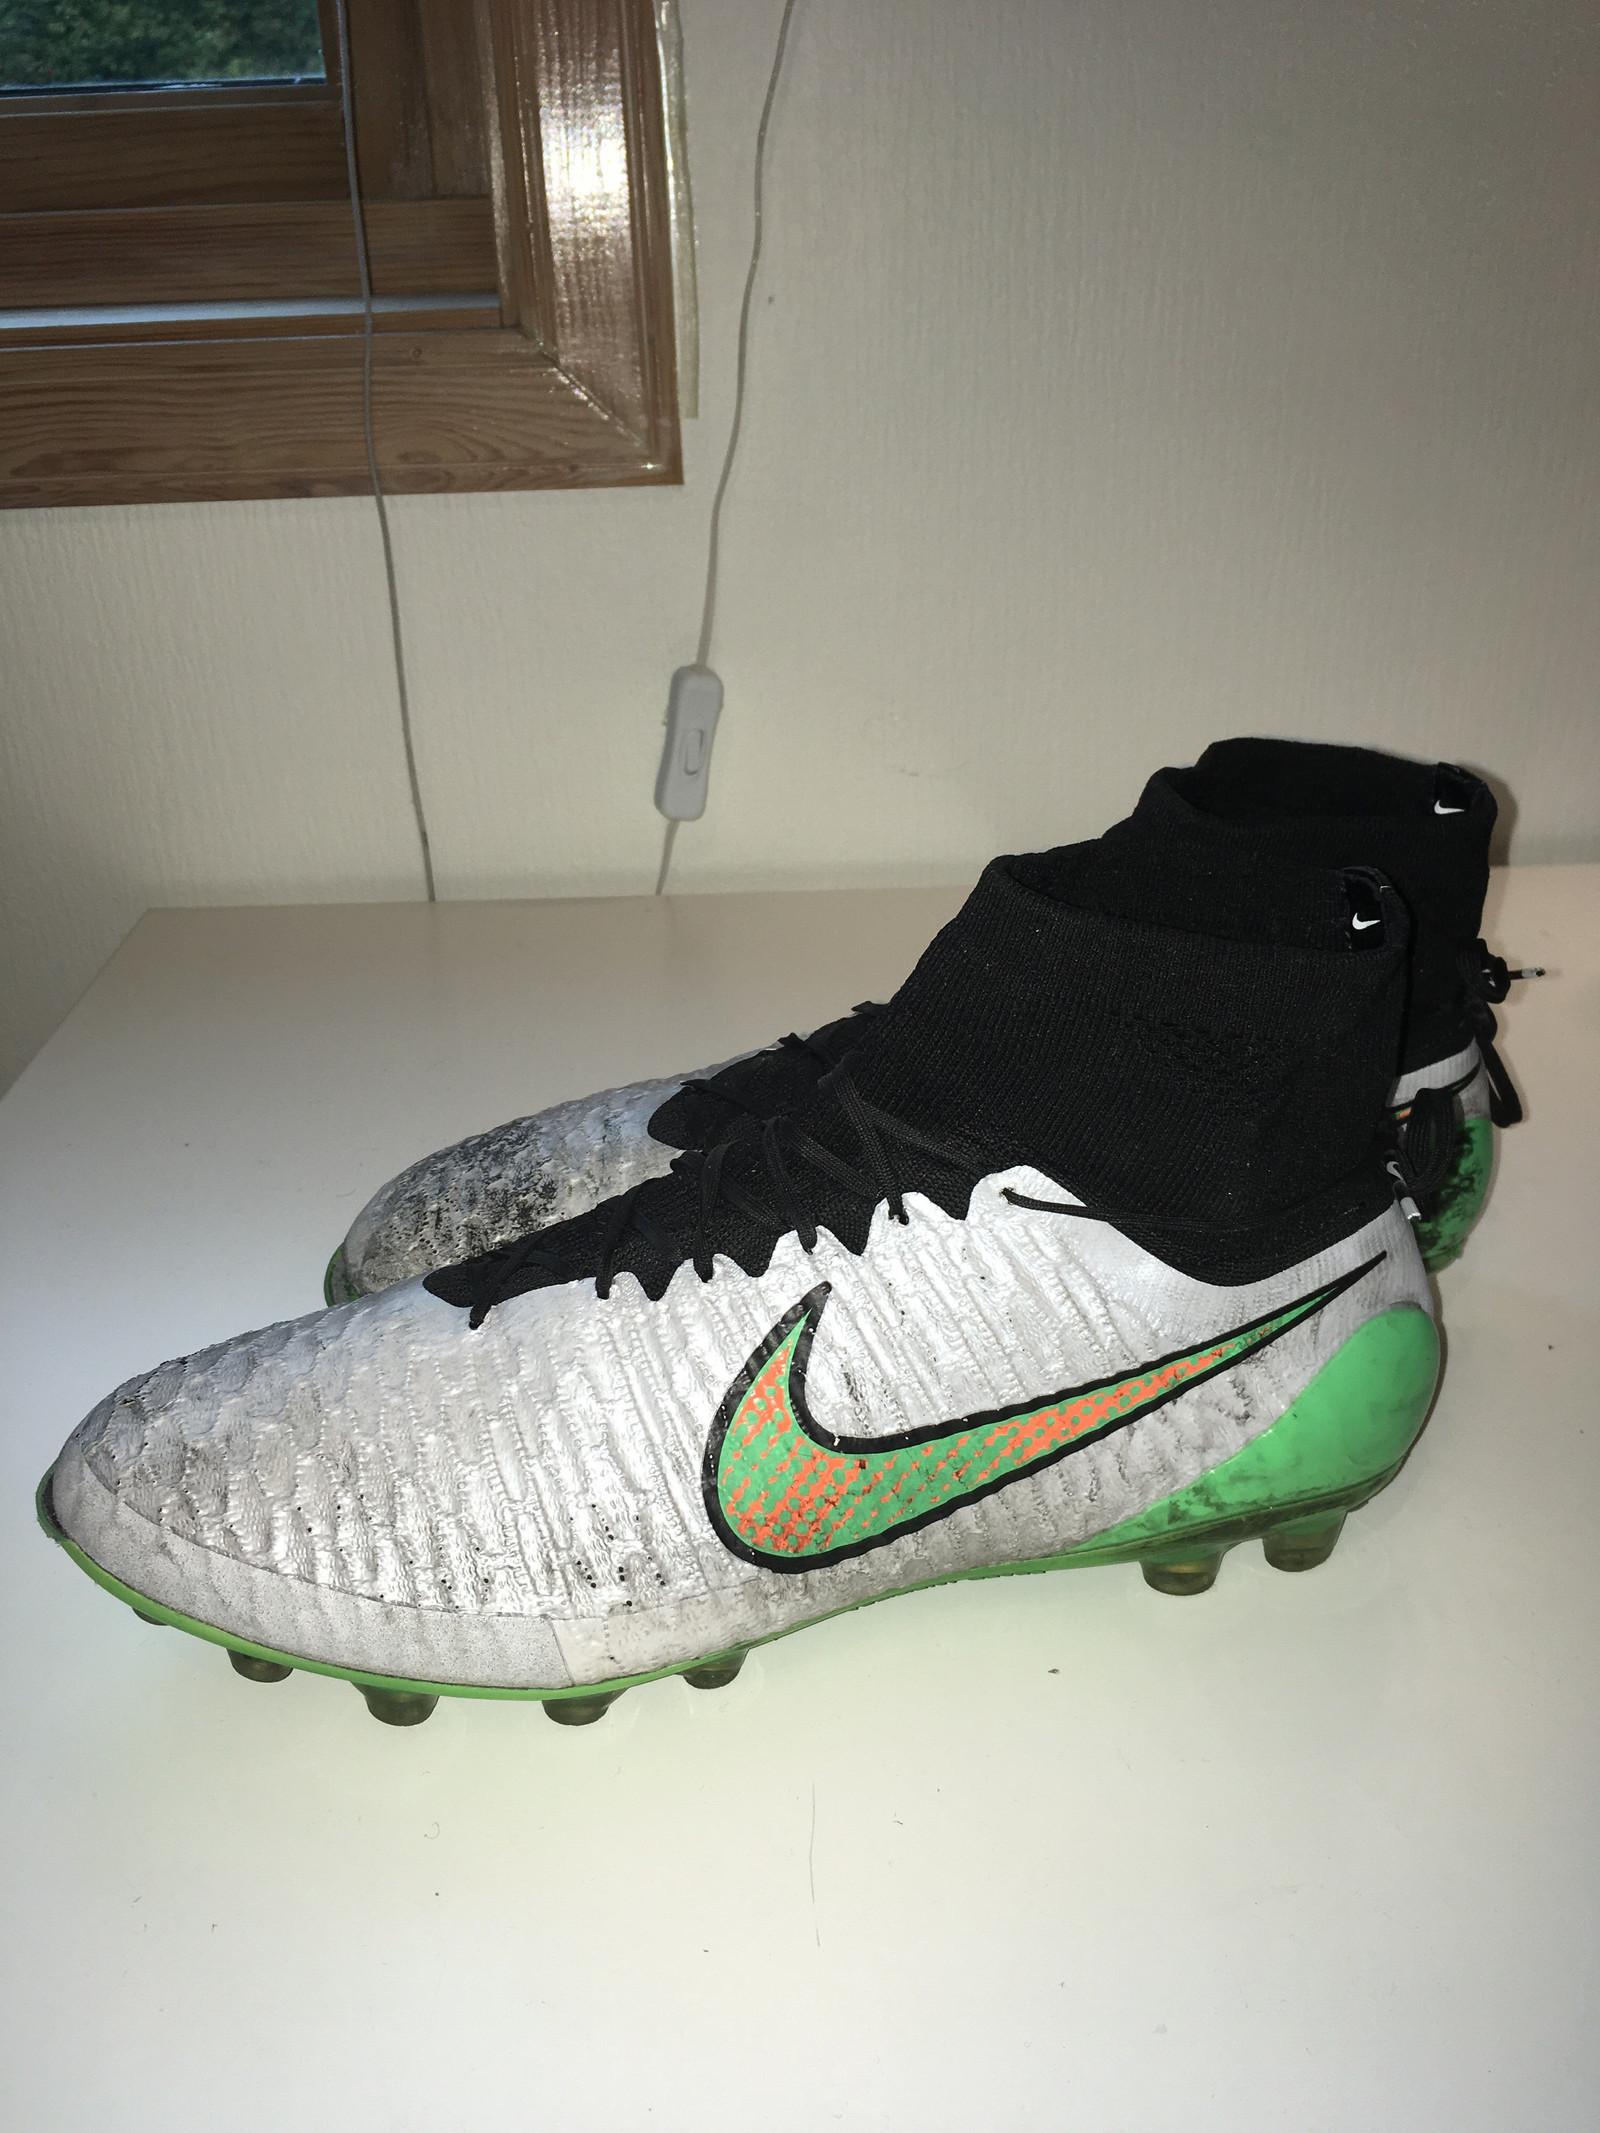 Brukt Nike Magista obra II fg (fotballsko) str.42 til salgs